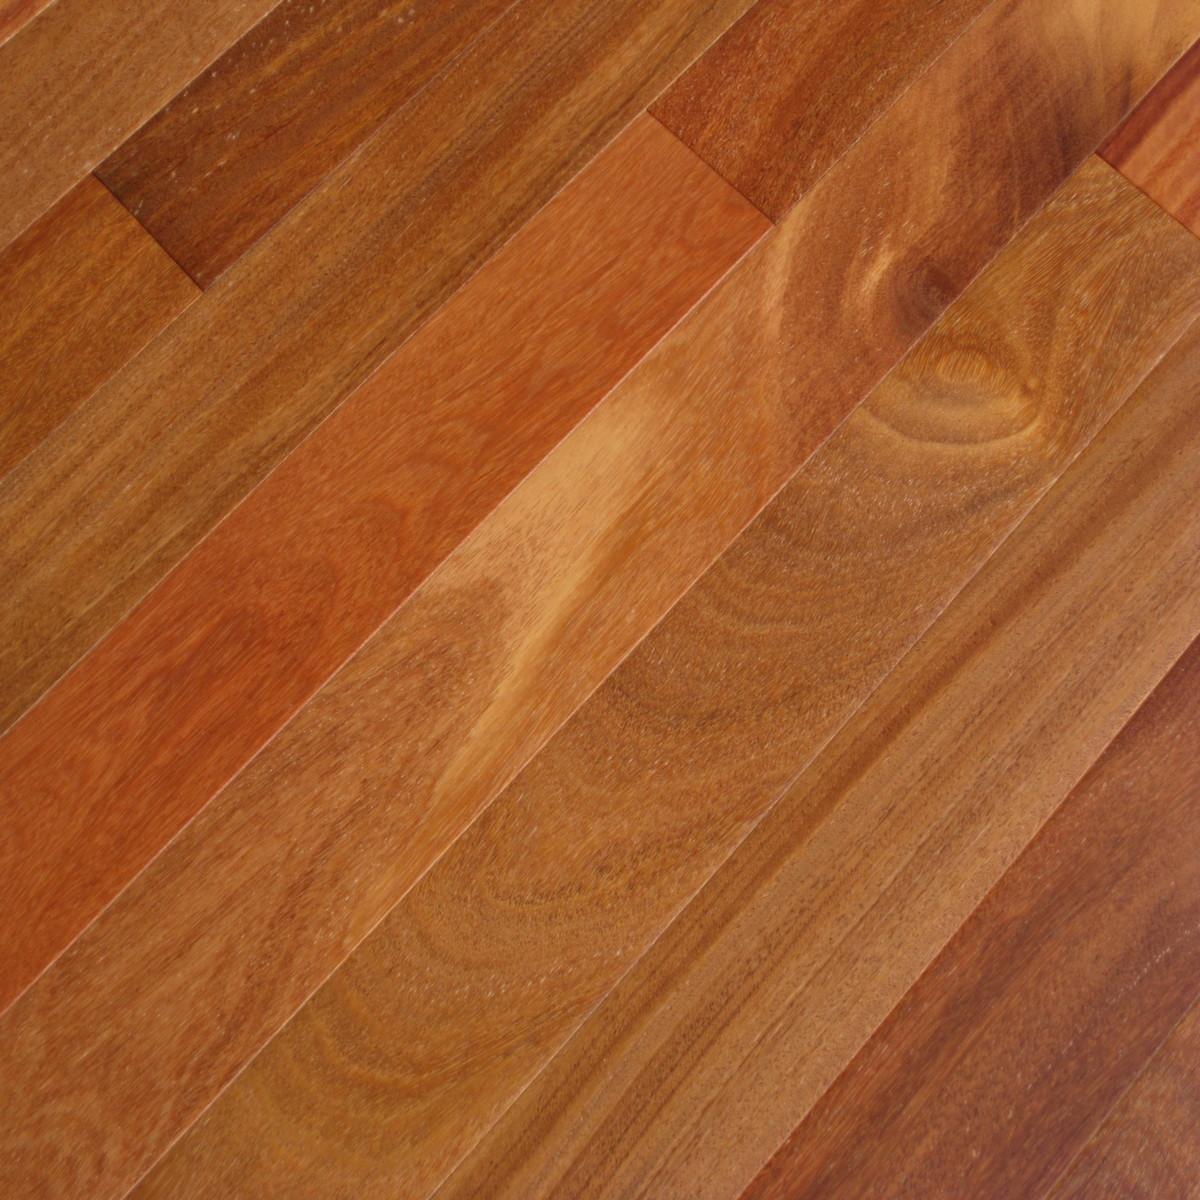 teak flooring cumaru dark (brazilian teak) hardwood flooring | prefinished solid hardwood  floors, elegance VGKGZYG